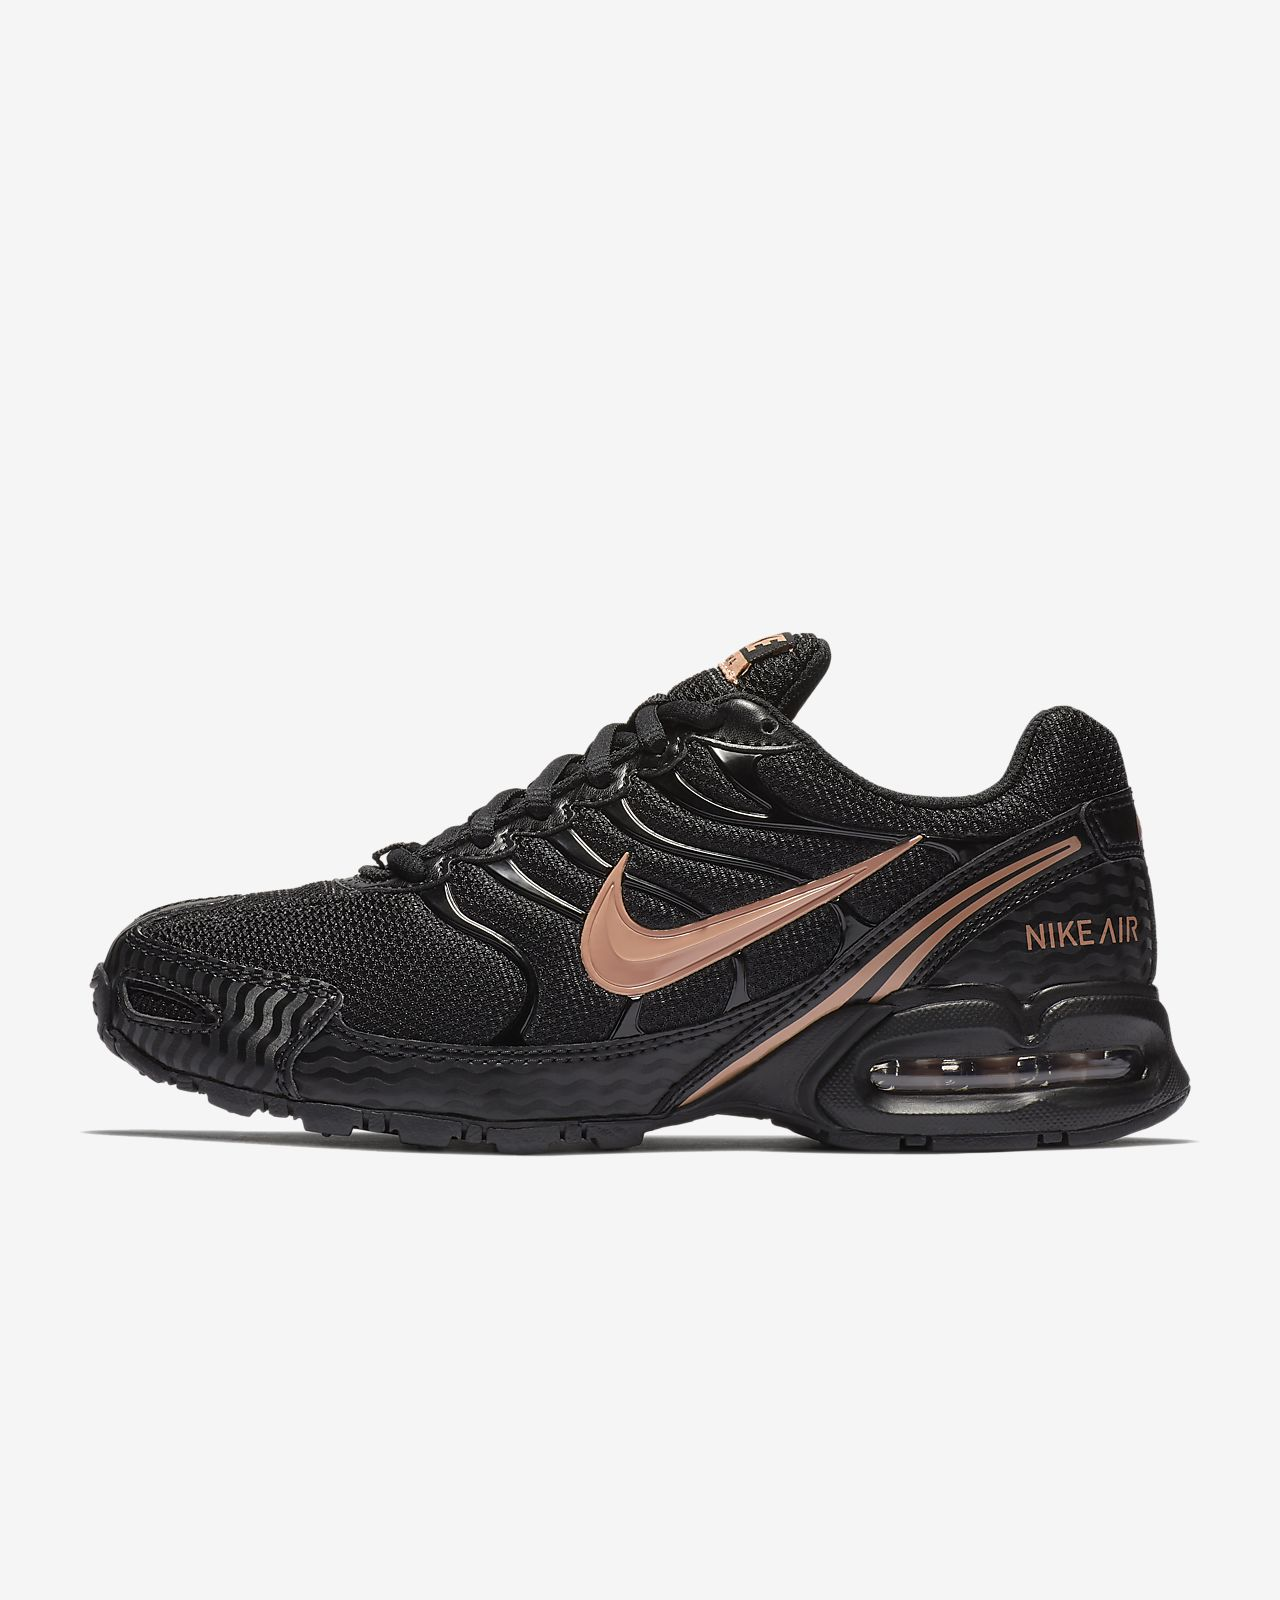 Calzado de running para mujer Nike Air Max Torch 4